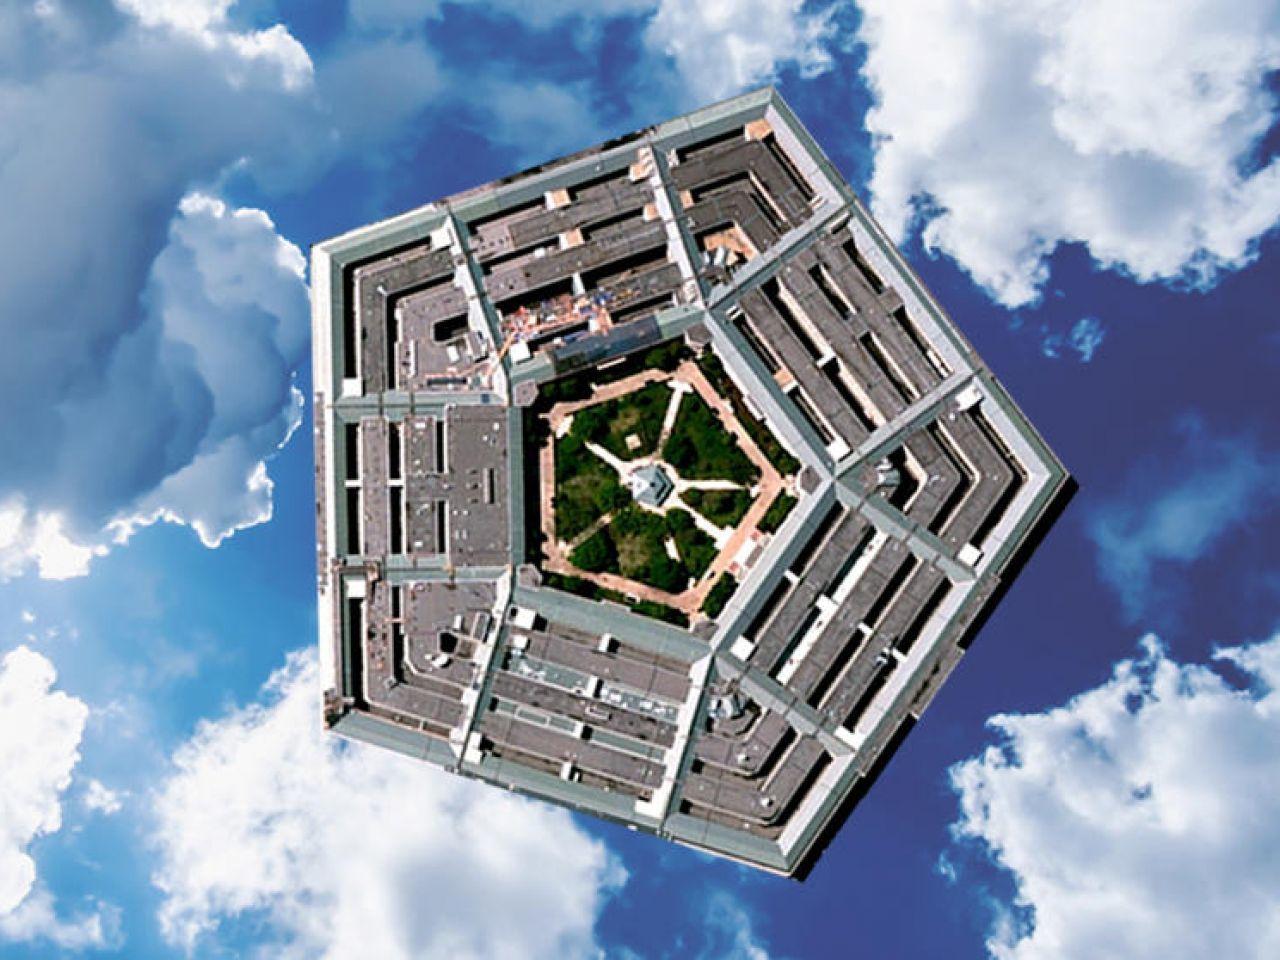 米国防総省、「JEDI」クラウドプロジェクトの契約を保留--国防長官が調査